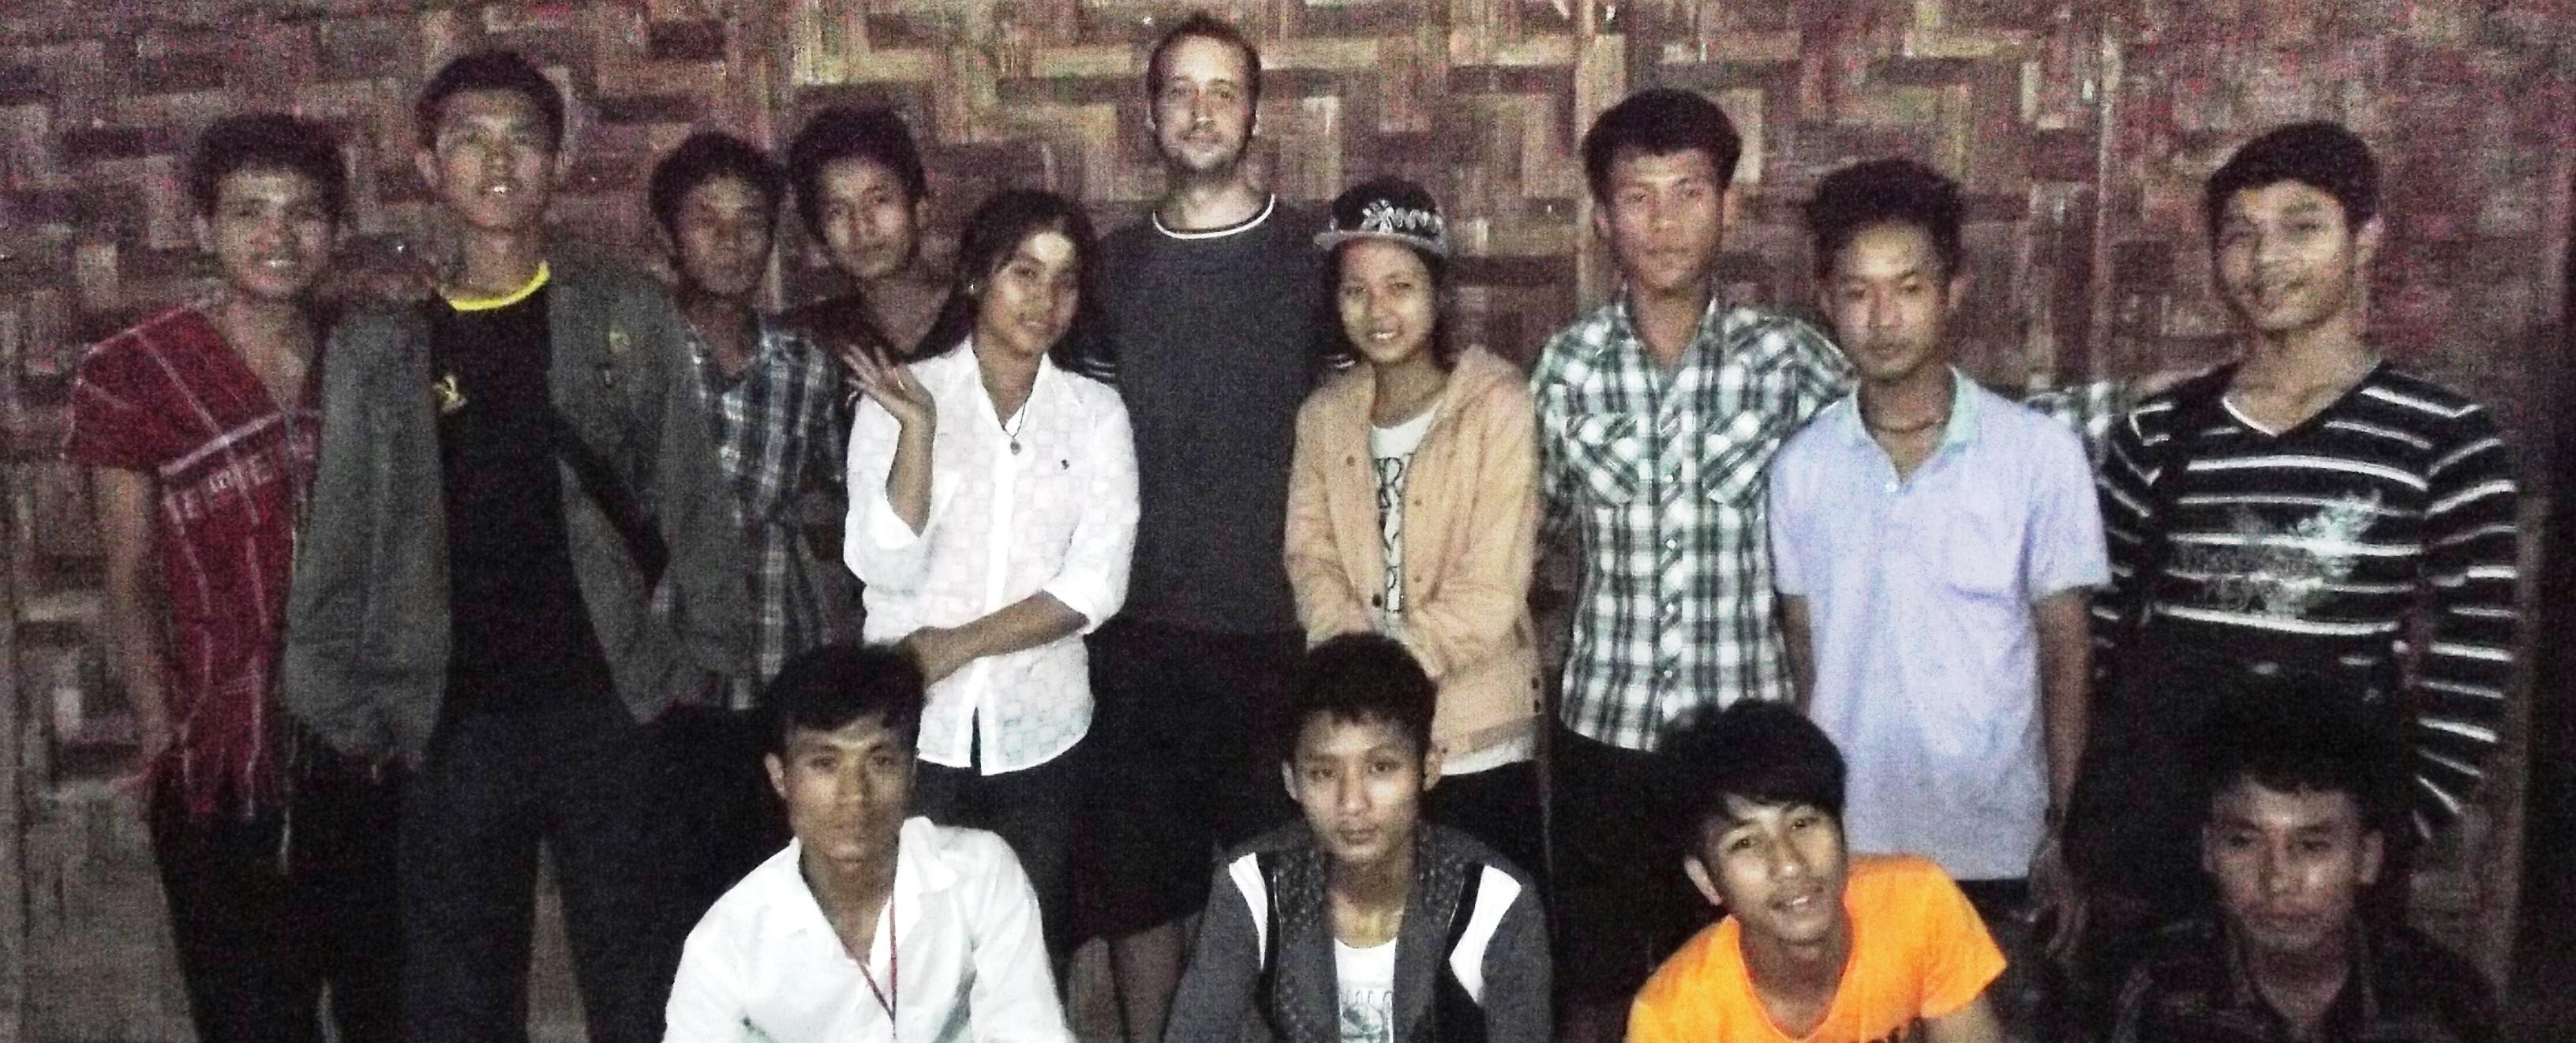 Apprendre à coder en birmanie